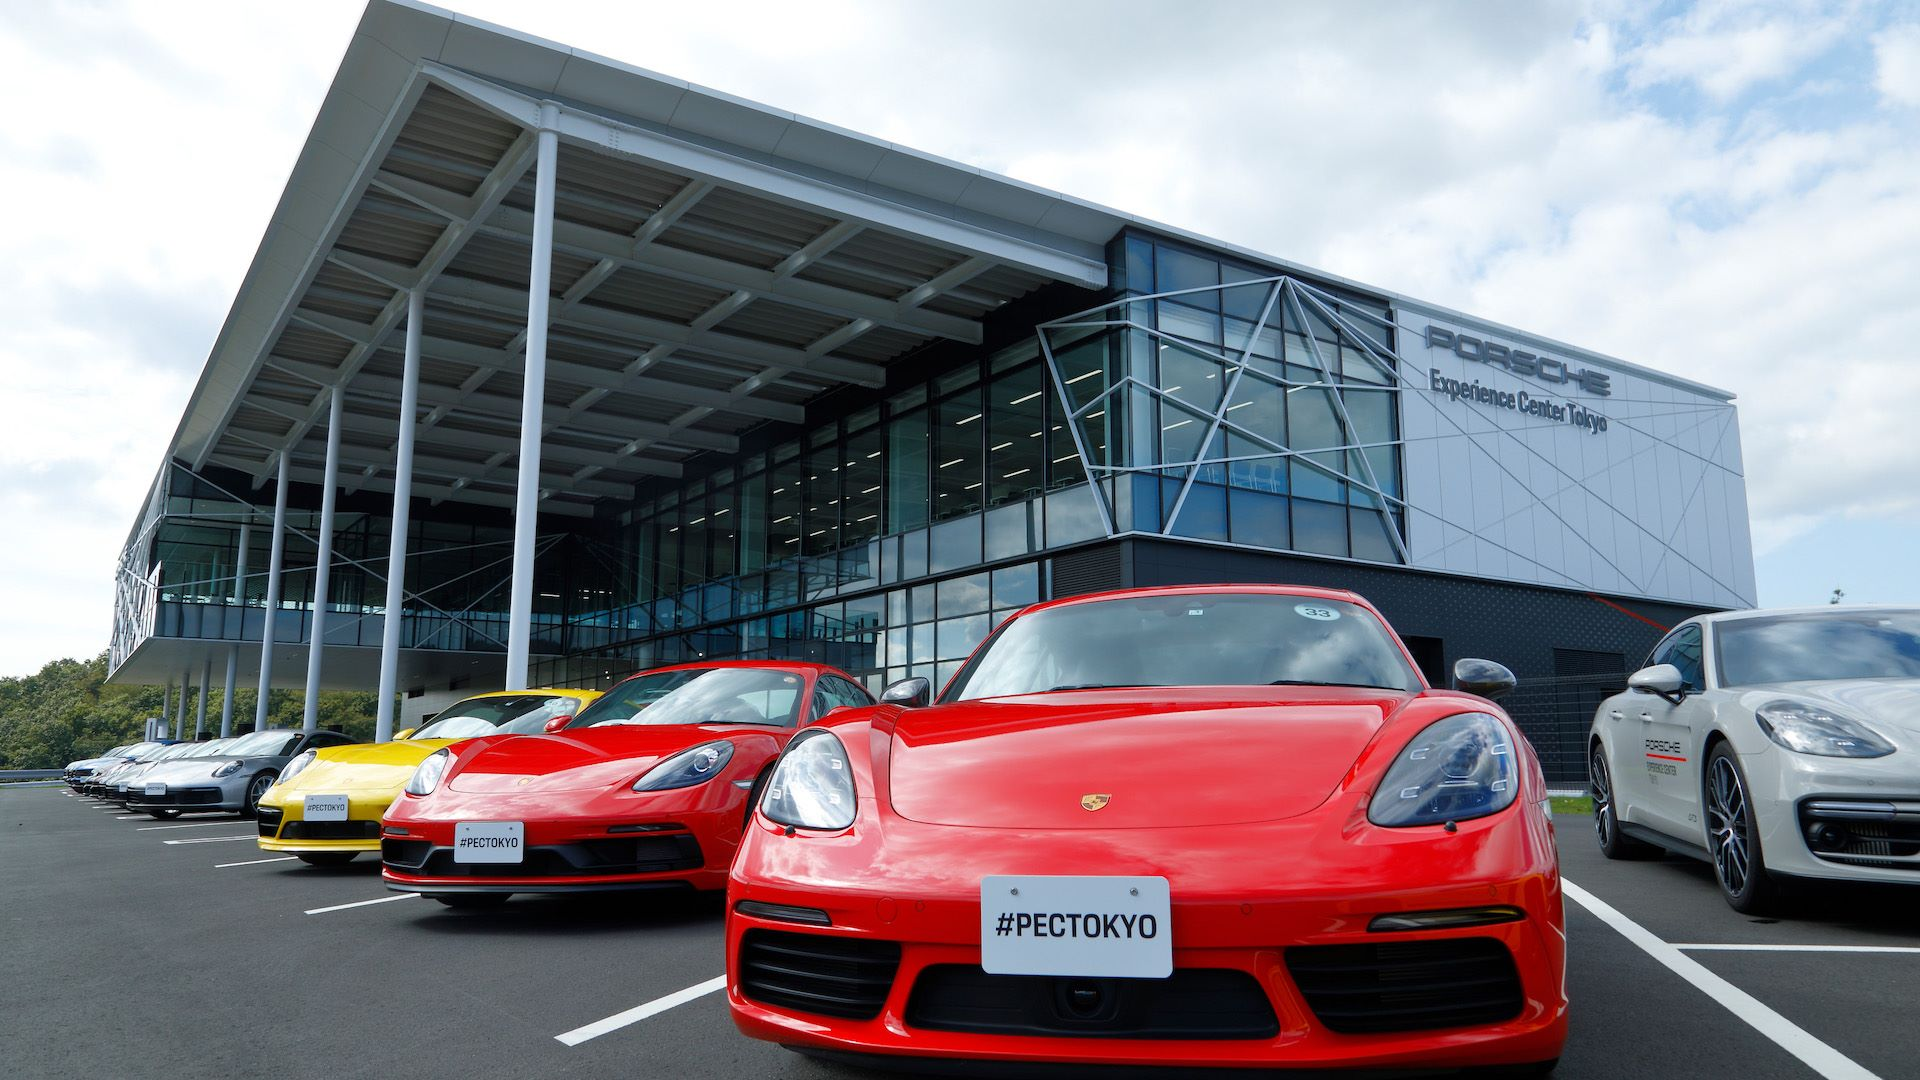 Tokyo-Porsche-Experience-Center-3